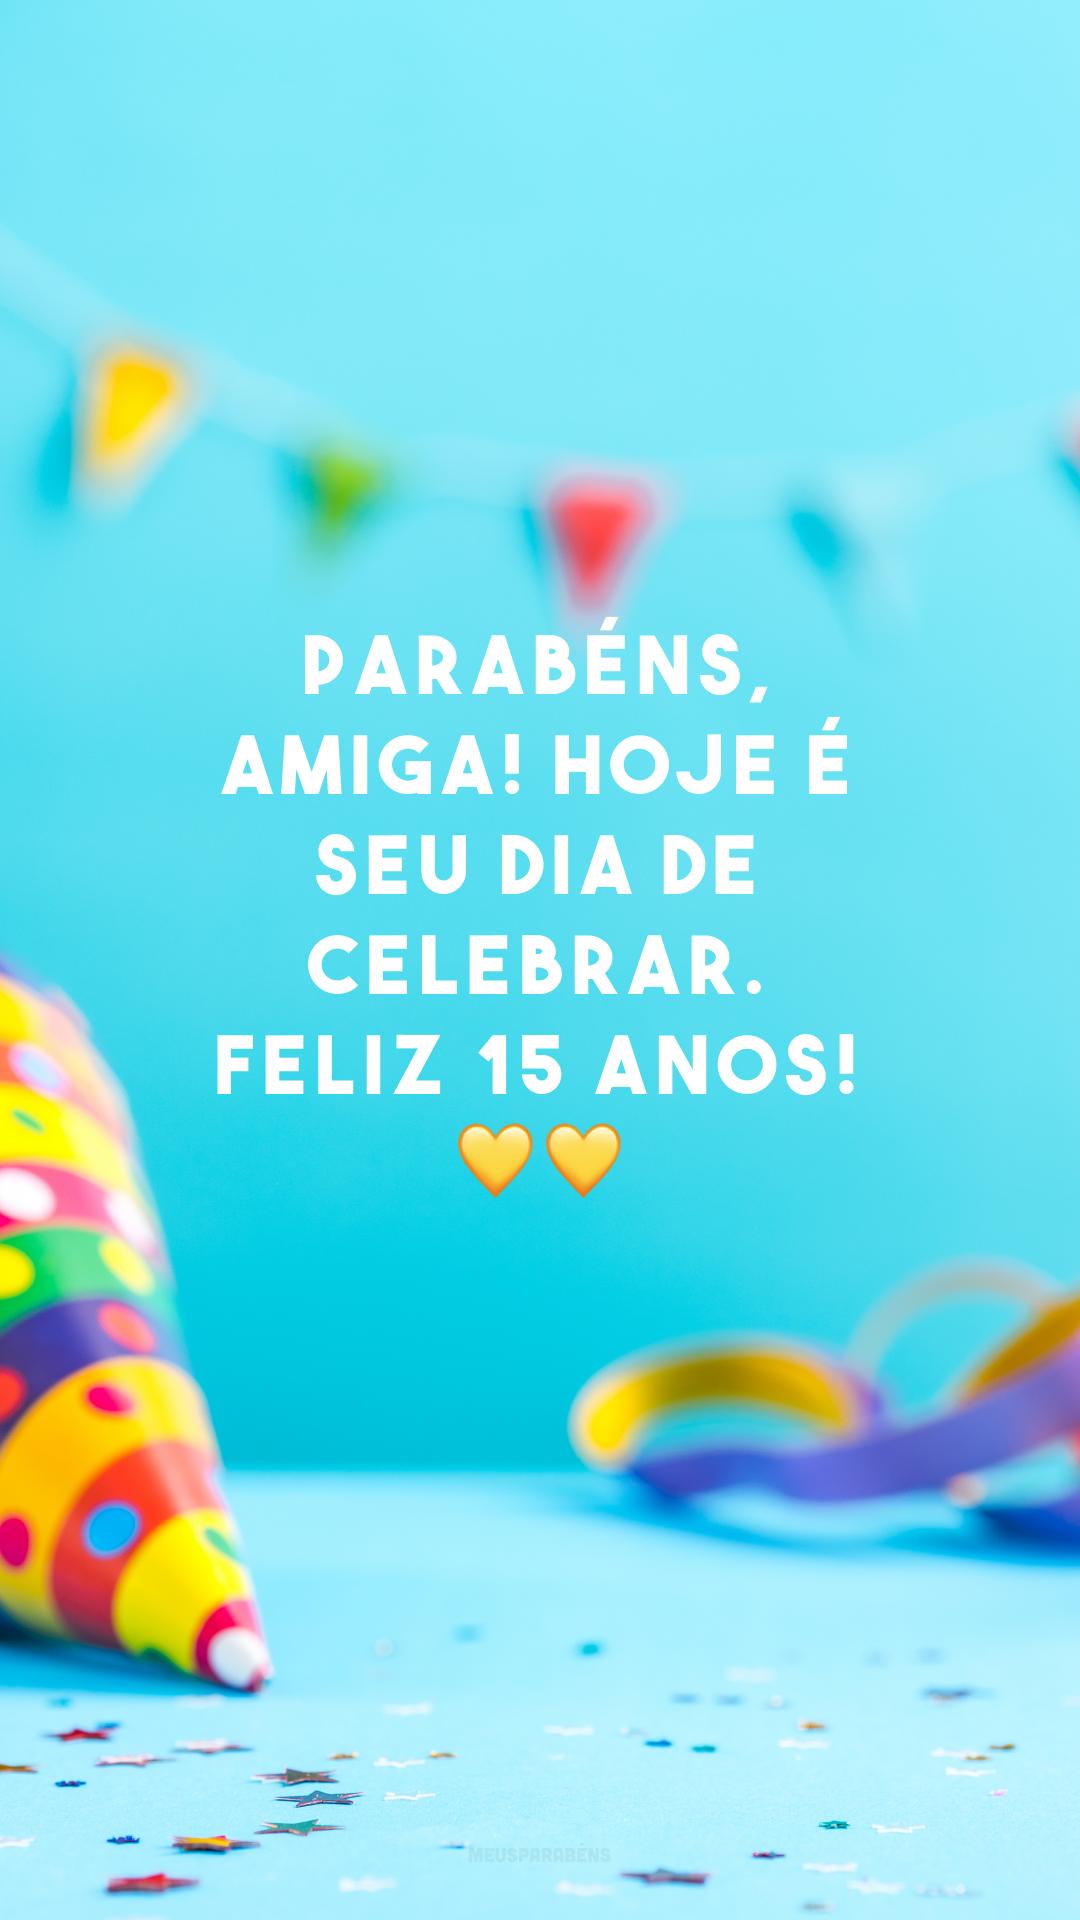 Parabéns, amiga! Hoje é seu dia de celebrar. Feliz 15 anos! 💛💛